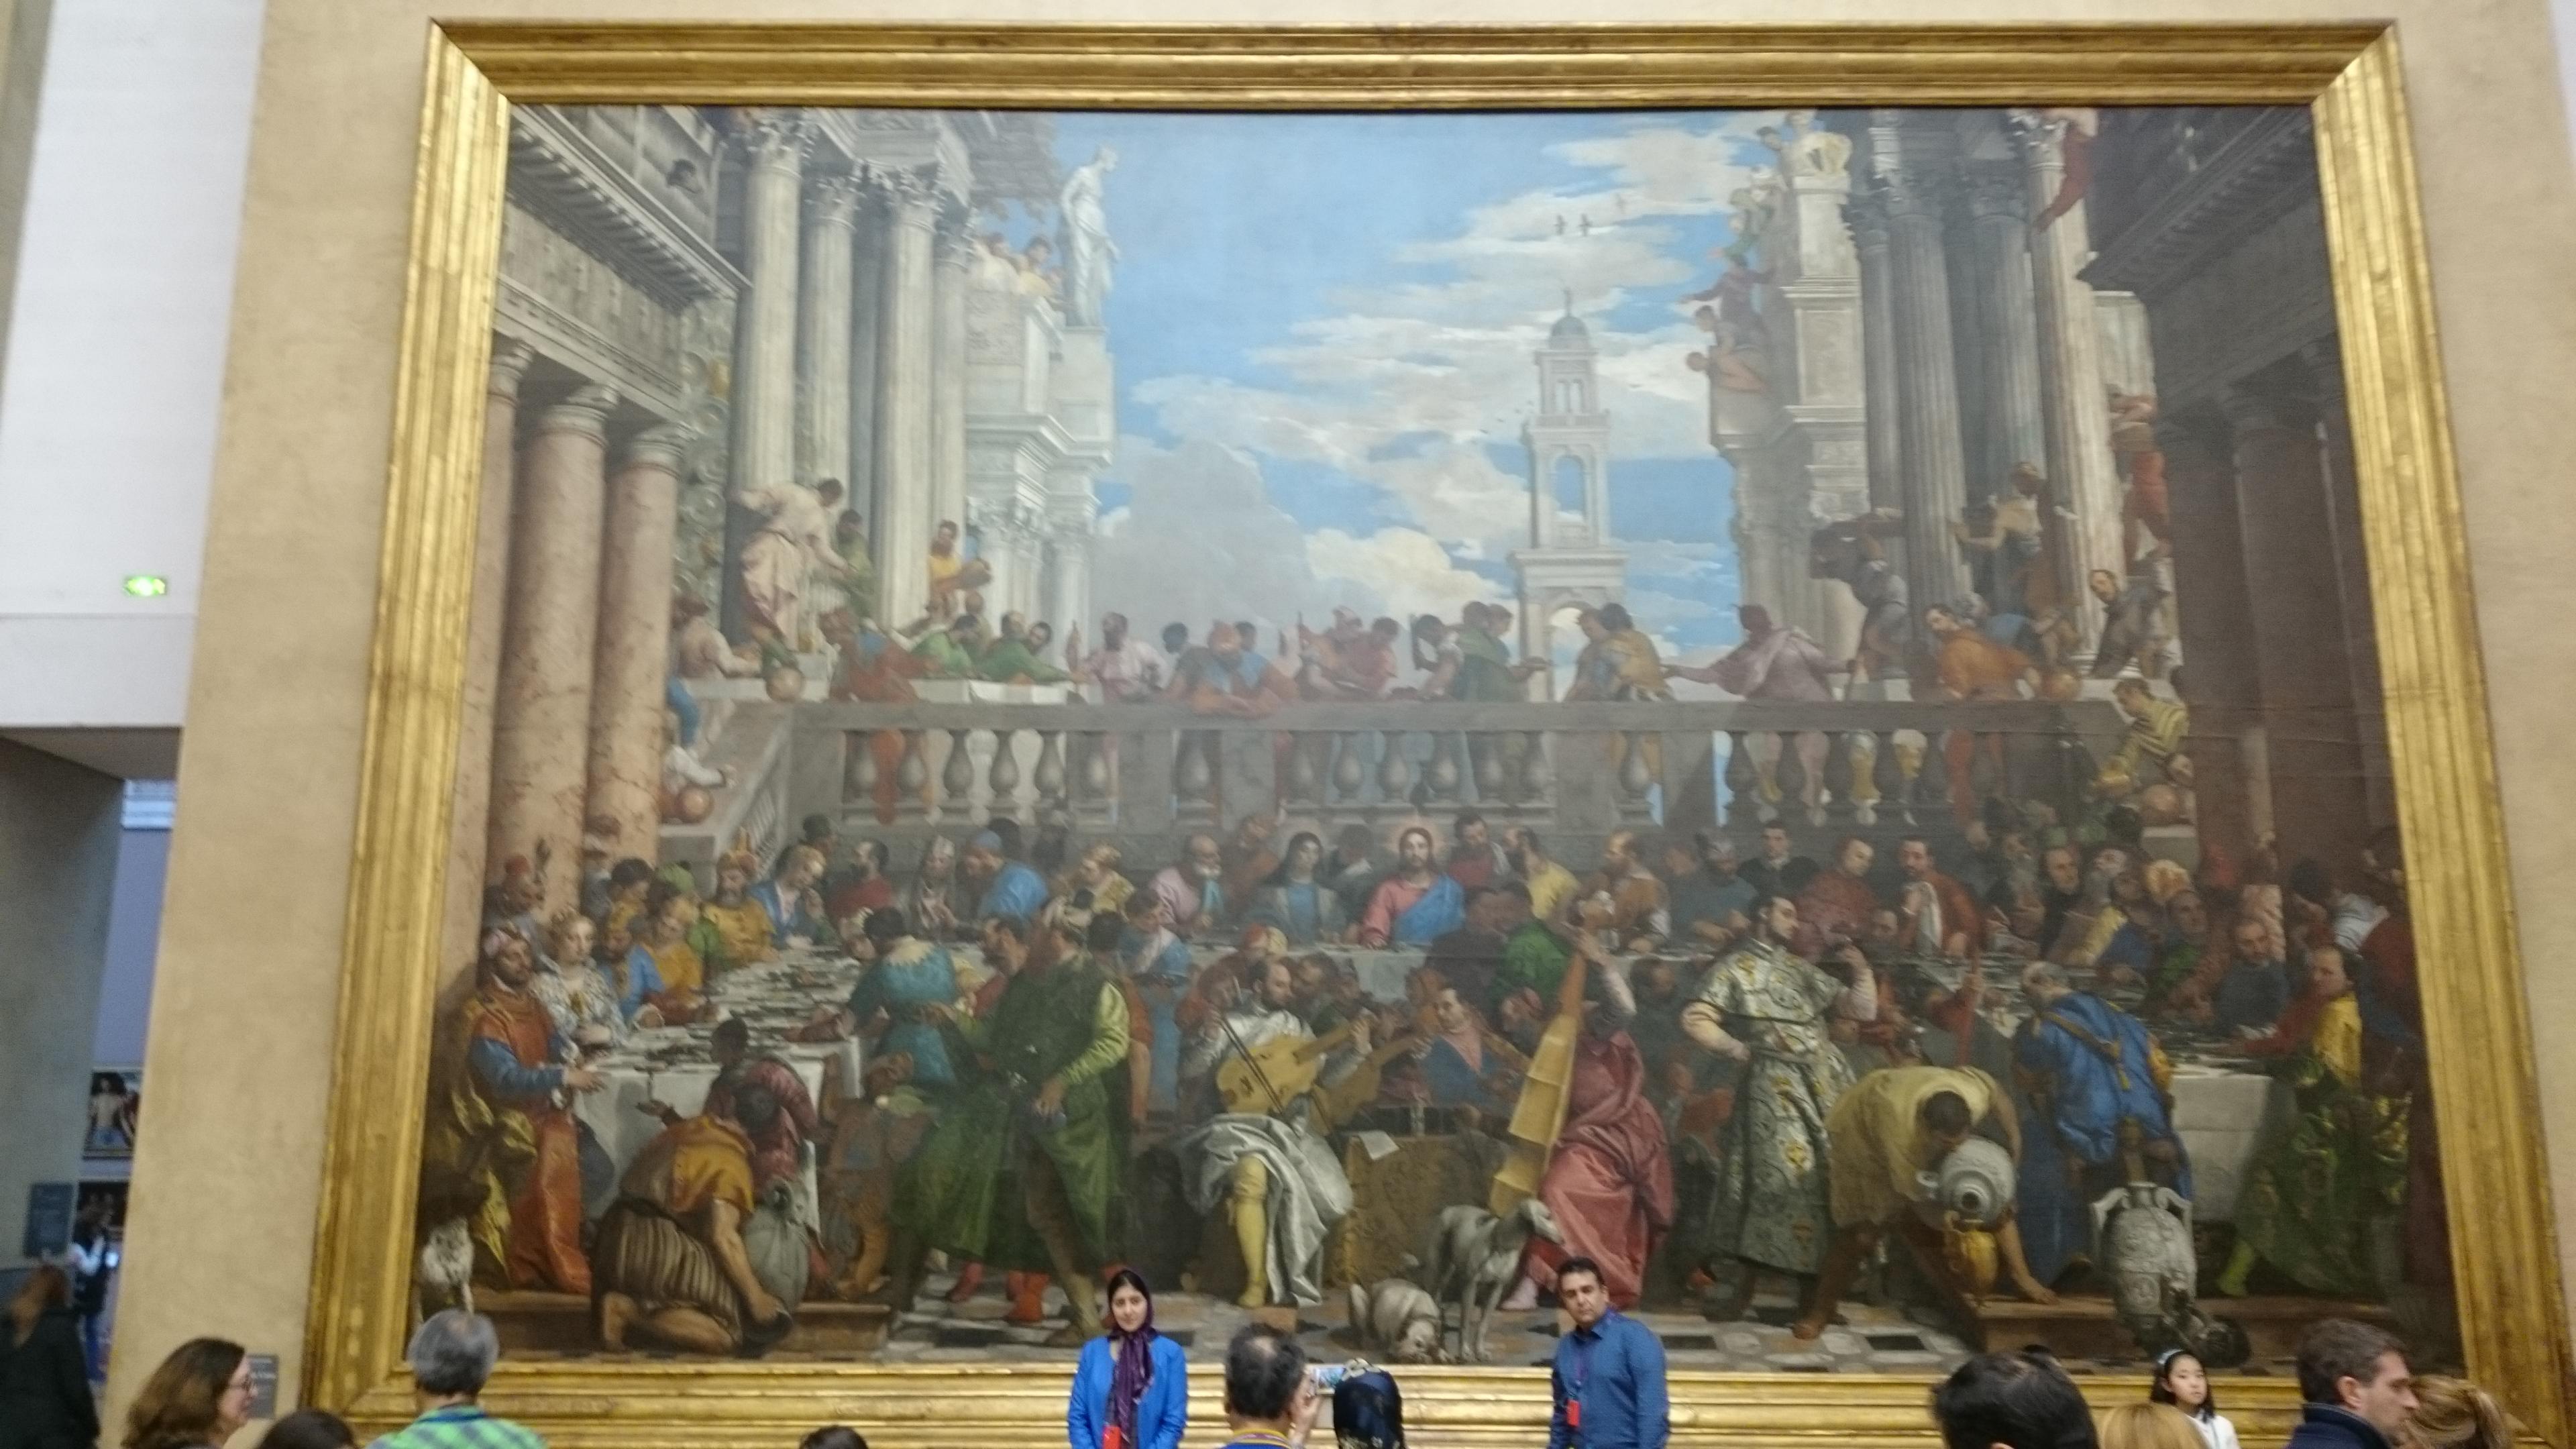 dsc 1482 - Consejos para visitar el Museo Louvre (y otros museos)